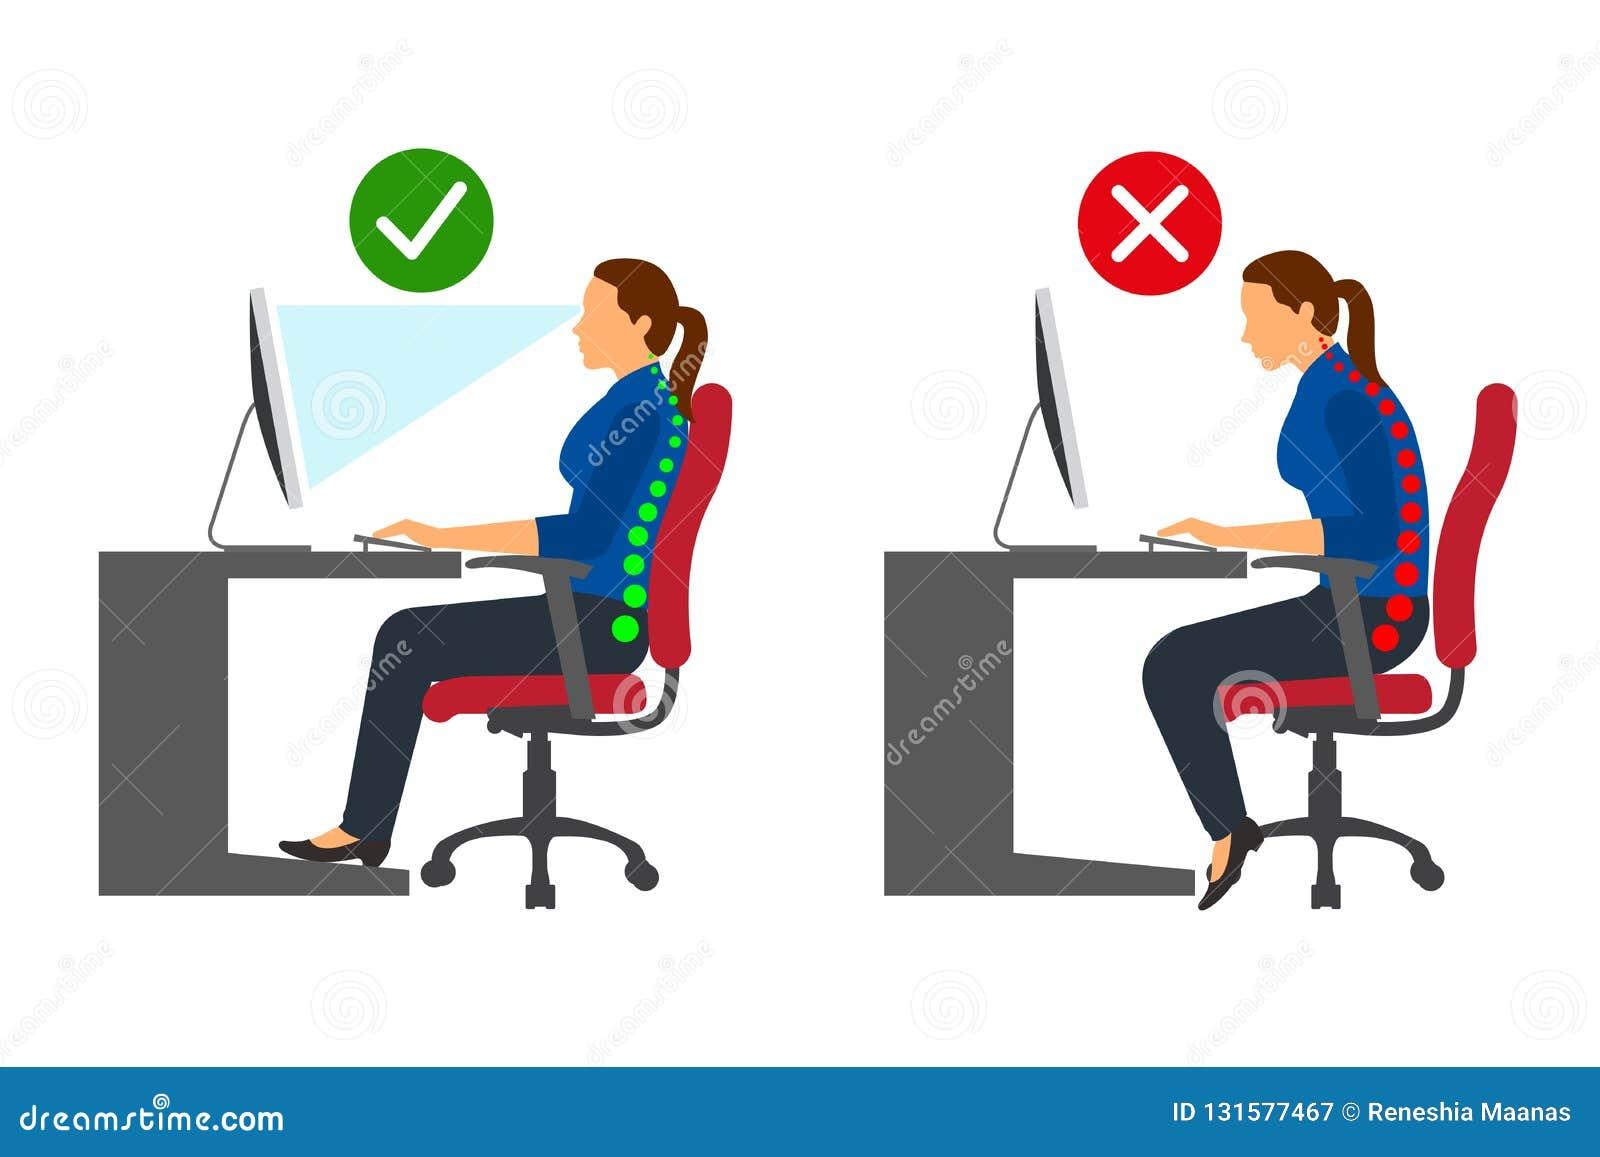 Εργονομία - σωστή και ανακριβής στάση συνεδρίασης γυναικών κατά τη χρησιμοποίηση ενός υπολογιστή